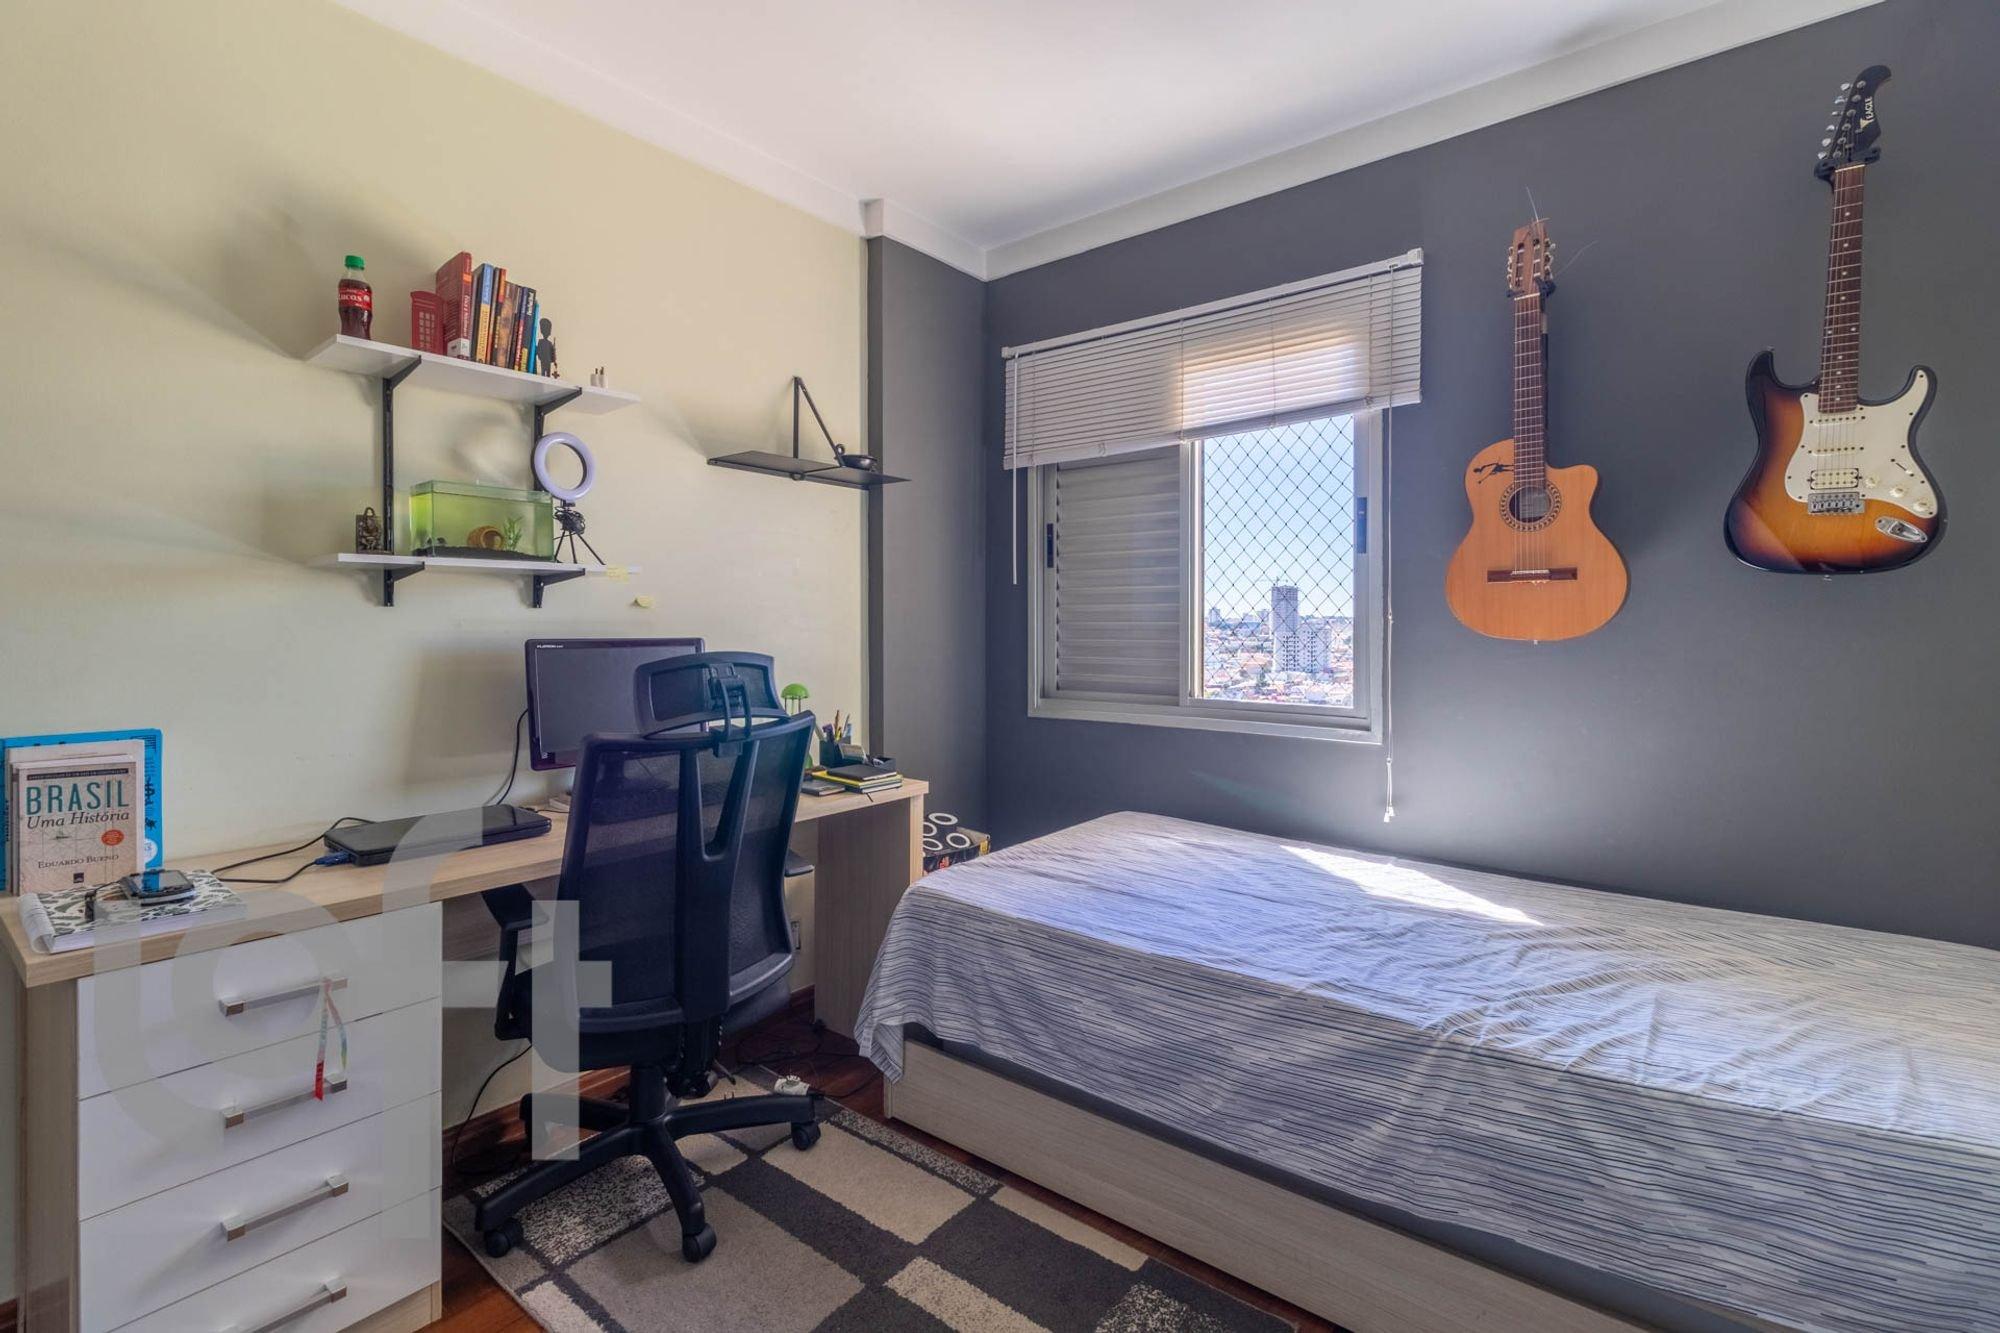 Foto de Quarto com cama, garrafa, cadeira, livro